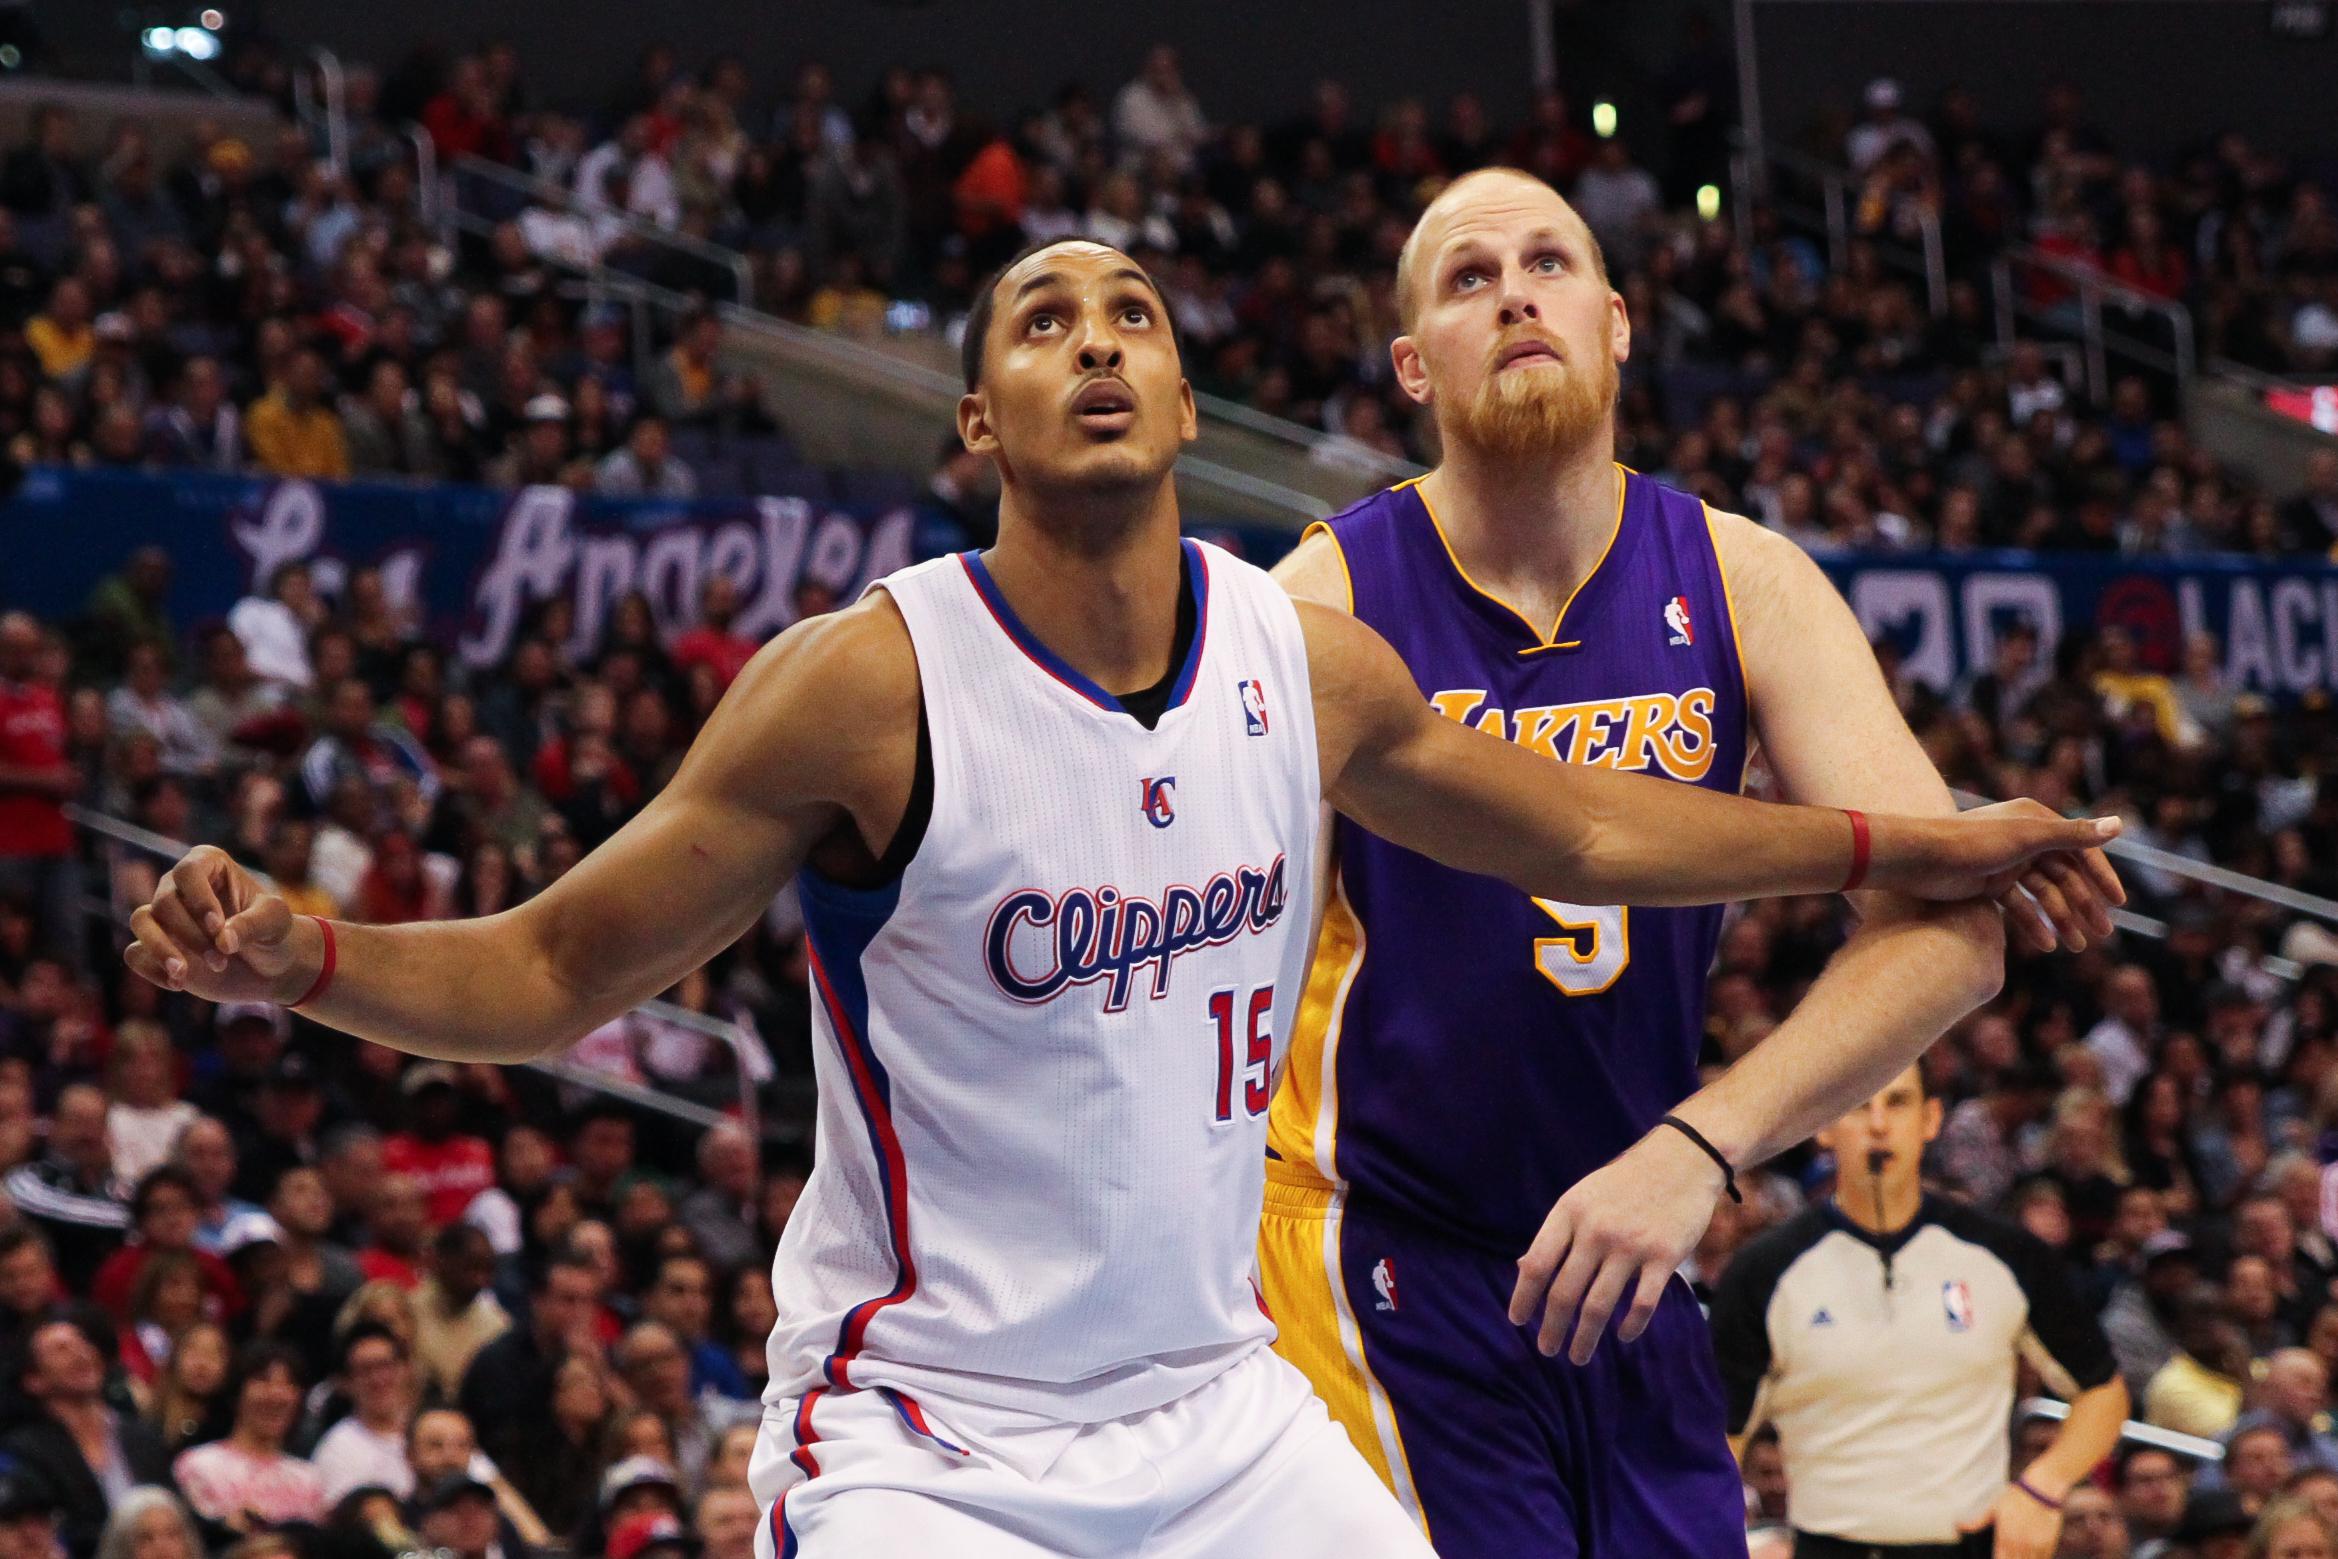 Photos by Varon P. Lakers-28.jpg